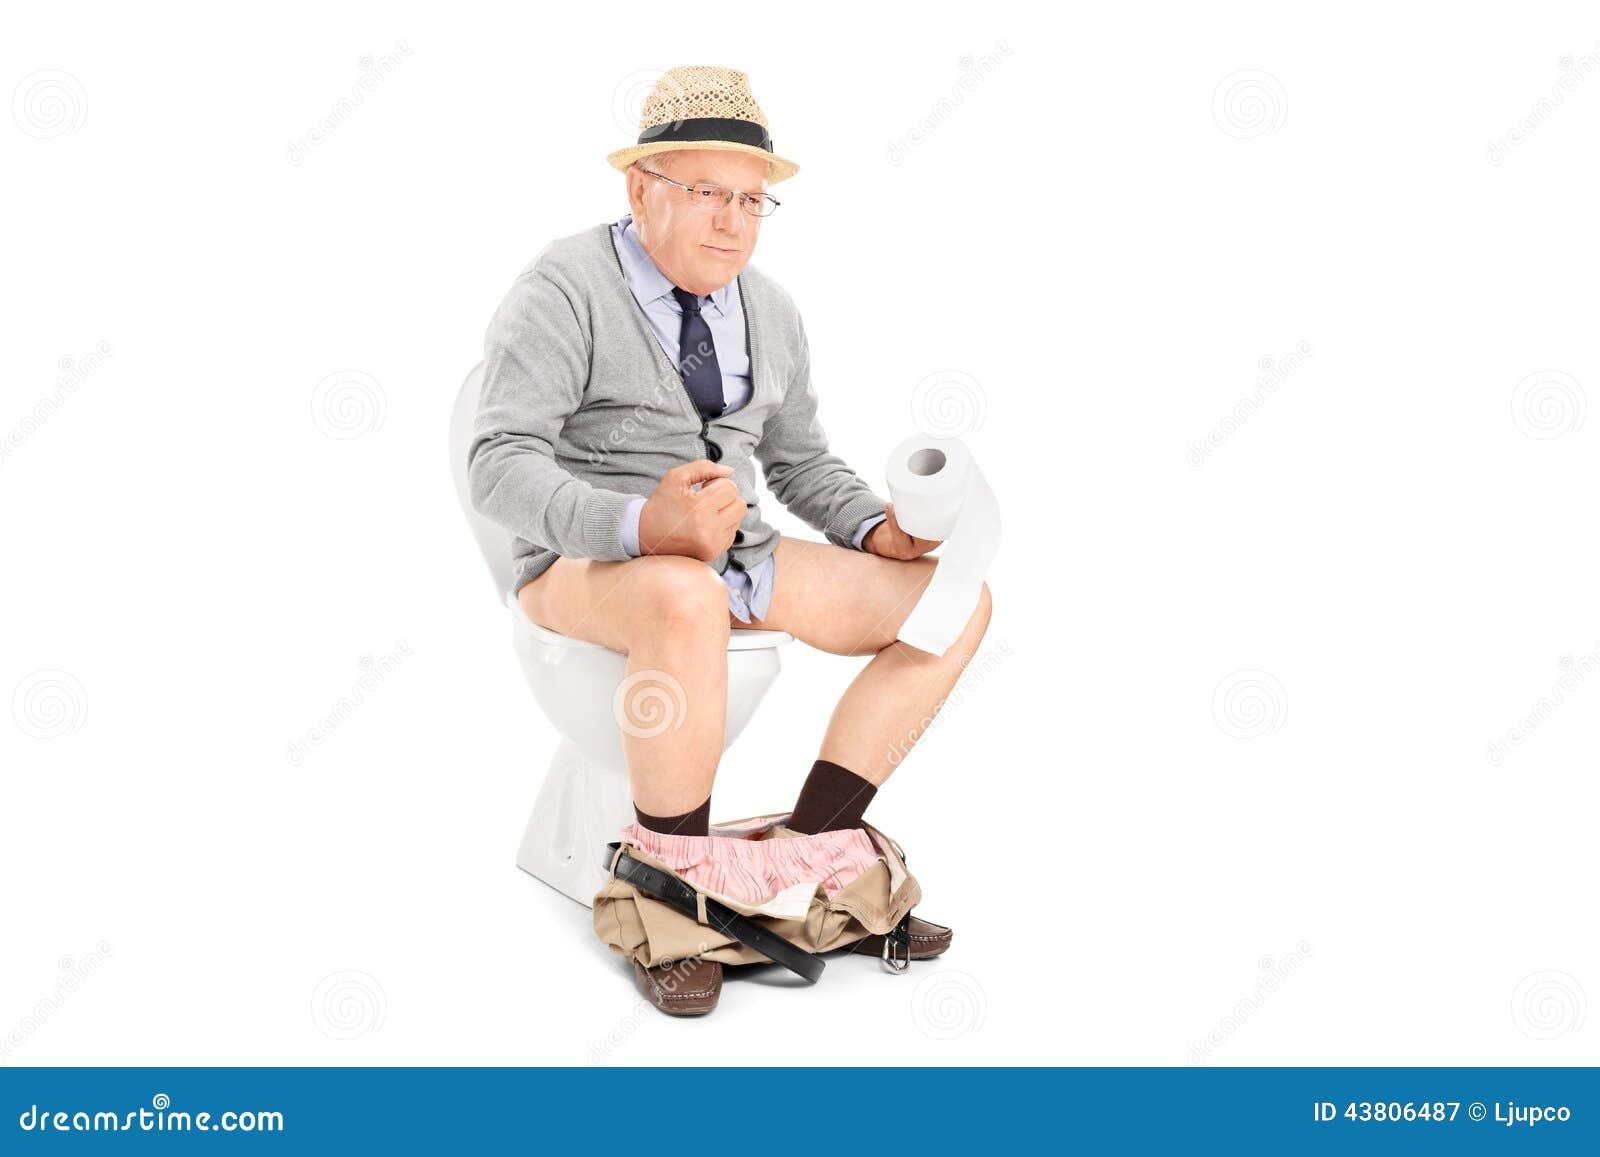 homme-sup%C3%A9rieur-poussant-dur-assis-sur-une-toilette-43806487